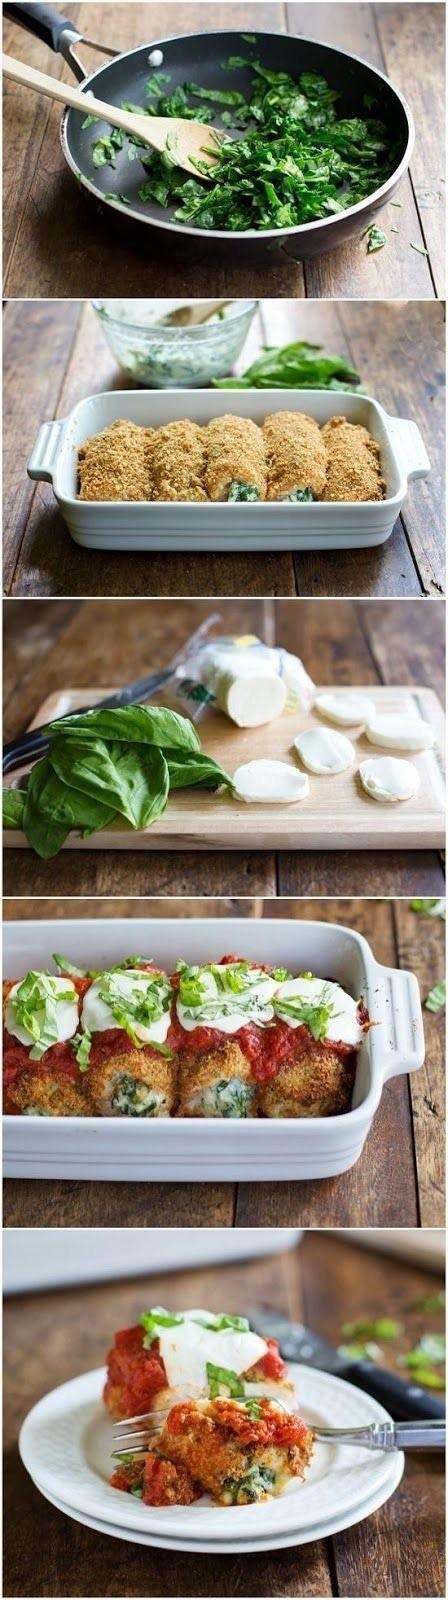 pyszne roladki . Udostępnij Skład: 3 filety z kurczaka szpinak (jeżeli wybierzemy ten mrożony to ok. 3 kostki) 200 g koncentratu pomidorowego 1 mozzarella 1 łyżka miodu 1łyżka ziół prowansalskich 5 ząbków czosnku sól pieprz olej A oto jak to zrobić: 1. Filety z kurczaka przekroić na pól i stłuc tłuczkiem. 2. Filety posolić i popieprzyć, a w tym czasie na patelnie wrzucić szpinak z jedną łyżką oleju, dodać 2 ząbki czosnku, sól i pieprz oraz przesmażyć kilka minut. 3. Przygotowane wcześniej filety posmarować szpinakiem i zawinąć w roladki. 4. Naczynie żaroodporne polać niewielką ilością oleju i ułożyć roladki. 5. W miseczce rozrobić przecier pomidorowy z ¾ szklanki wody, dodaję miód, zioła prowansalskie, sól, pieprz i 3 ząbki czosnku. 6. Tak przygotowanym sosem polać roladki i ułożyć na każdej plasterek mozzarelli oraz posypać odrobiną ziół prowansalskich. 7. Roladki piec w piekarniku nagrzanym do 200oC przez ok. 30 min, na koniec ustawić piekarnik na pieczenie z góry i piec 5 min.